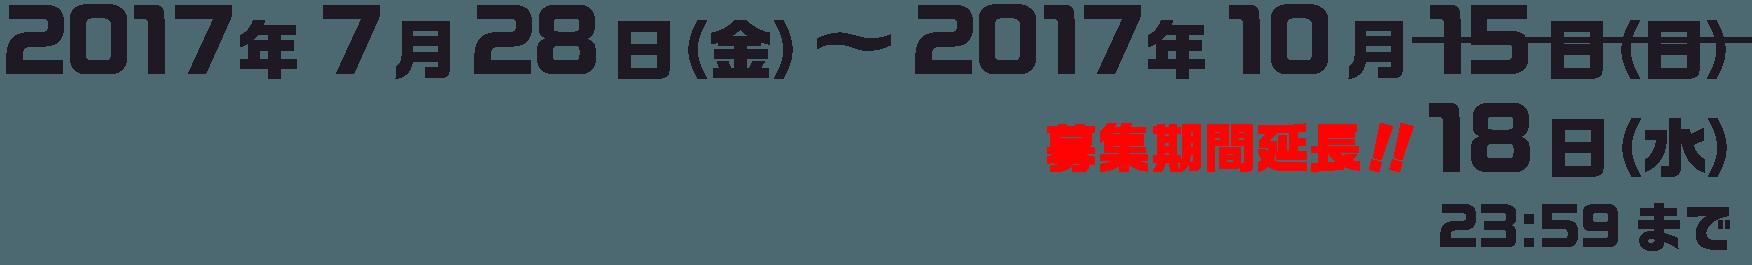 2017年7月28日(金)~10月18日(水)(23:59まで)